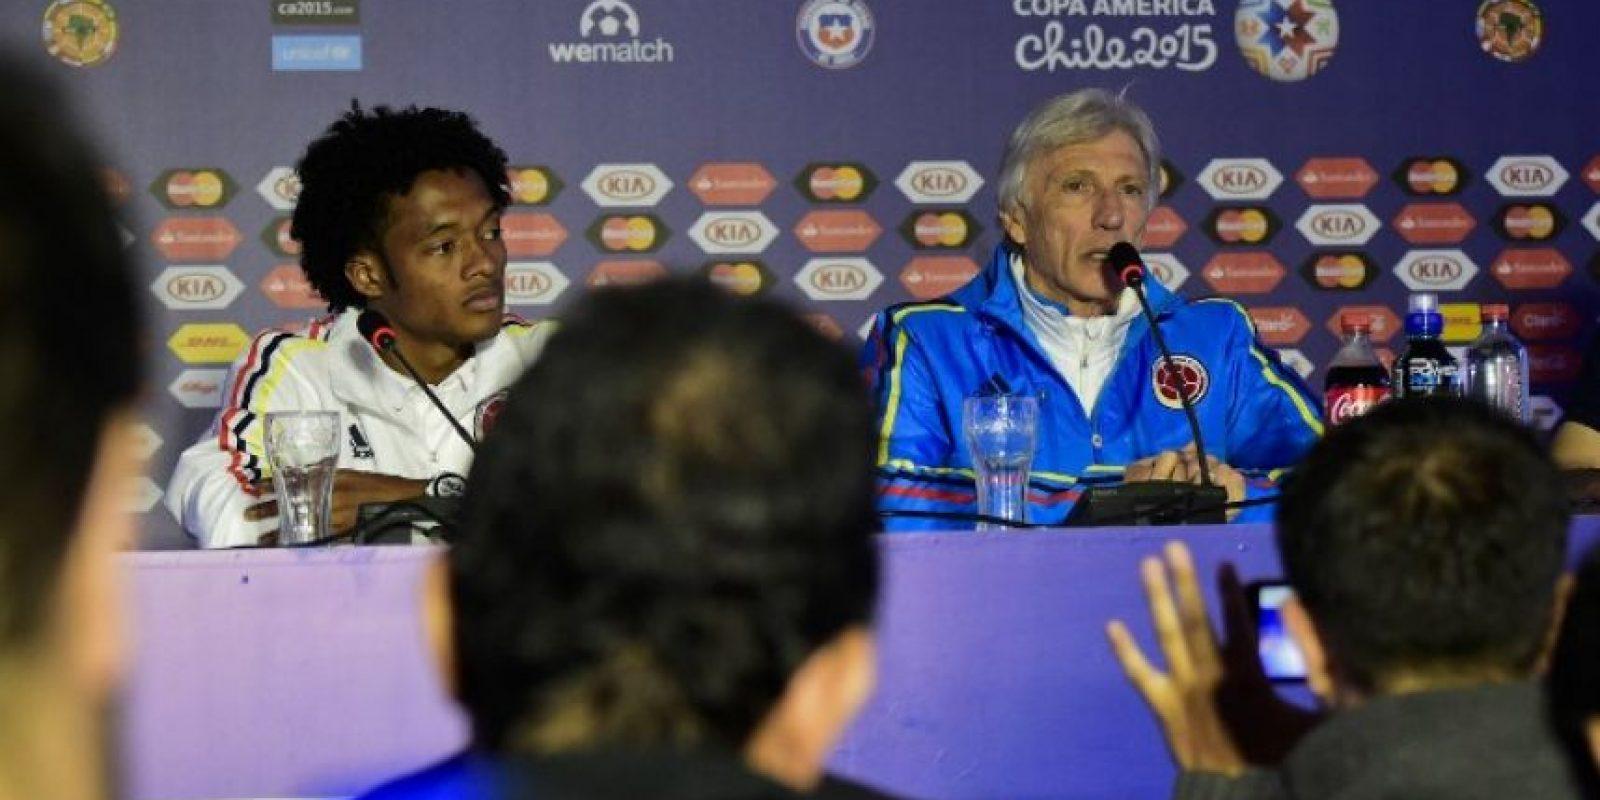 José Néstor Pékerman le deseó suerte a Falcao y Cuadrado en el Chelsea Foto:AFP